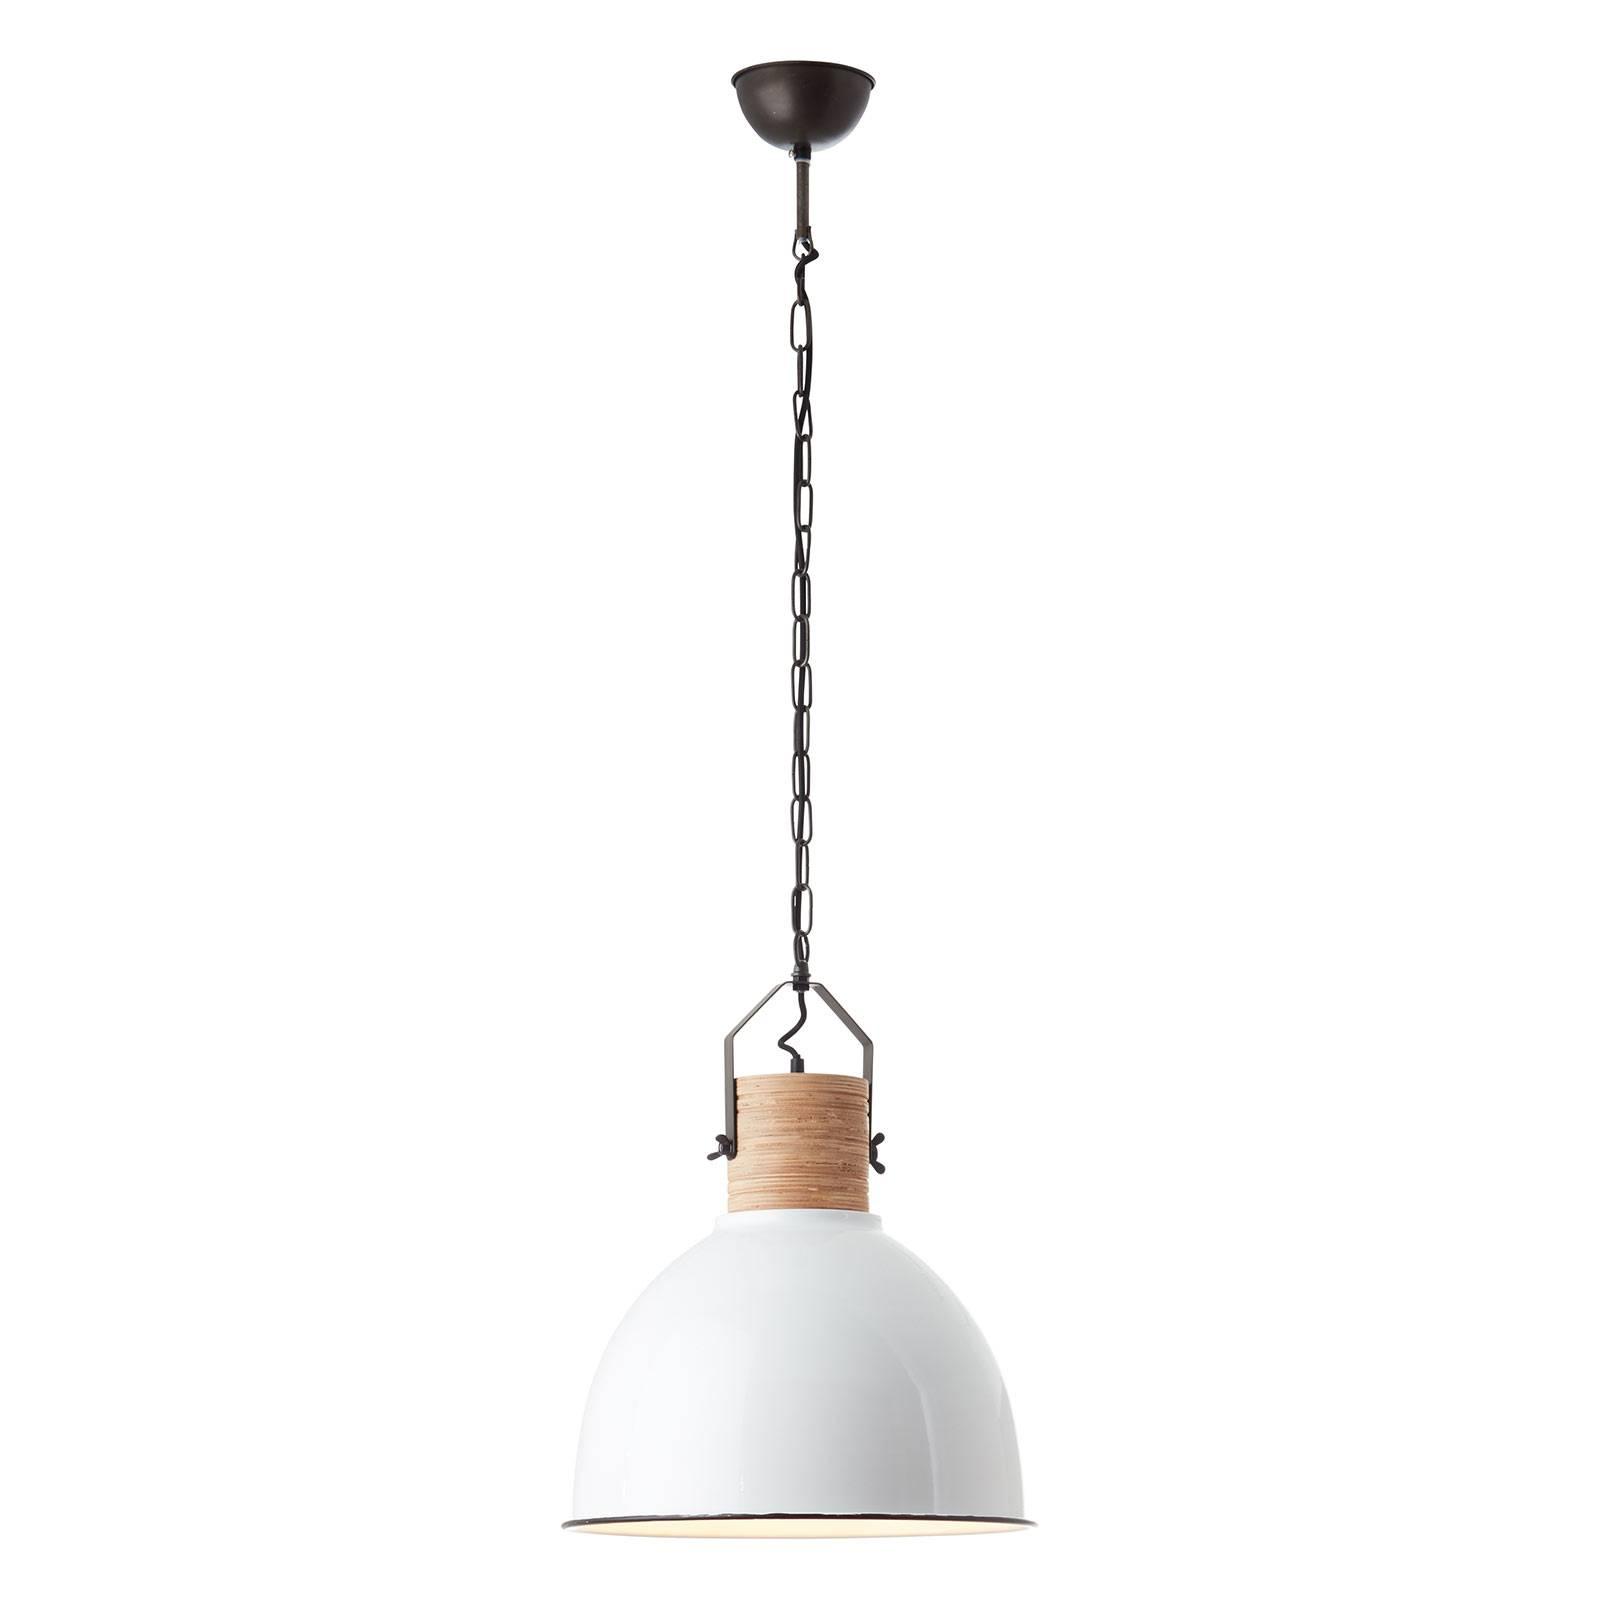 Lampa wisząca Barrow z drewnianą oprawą